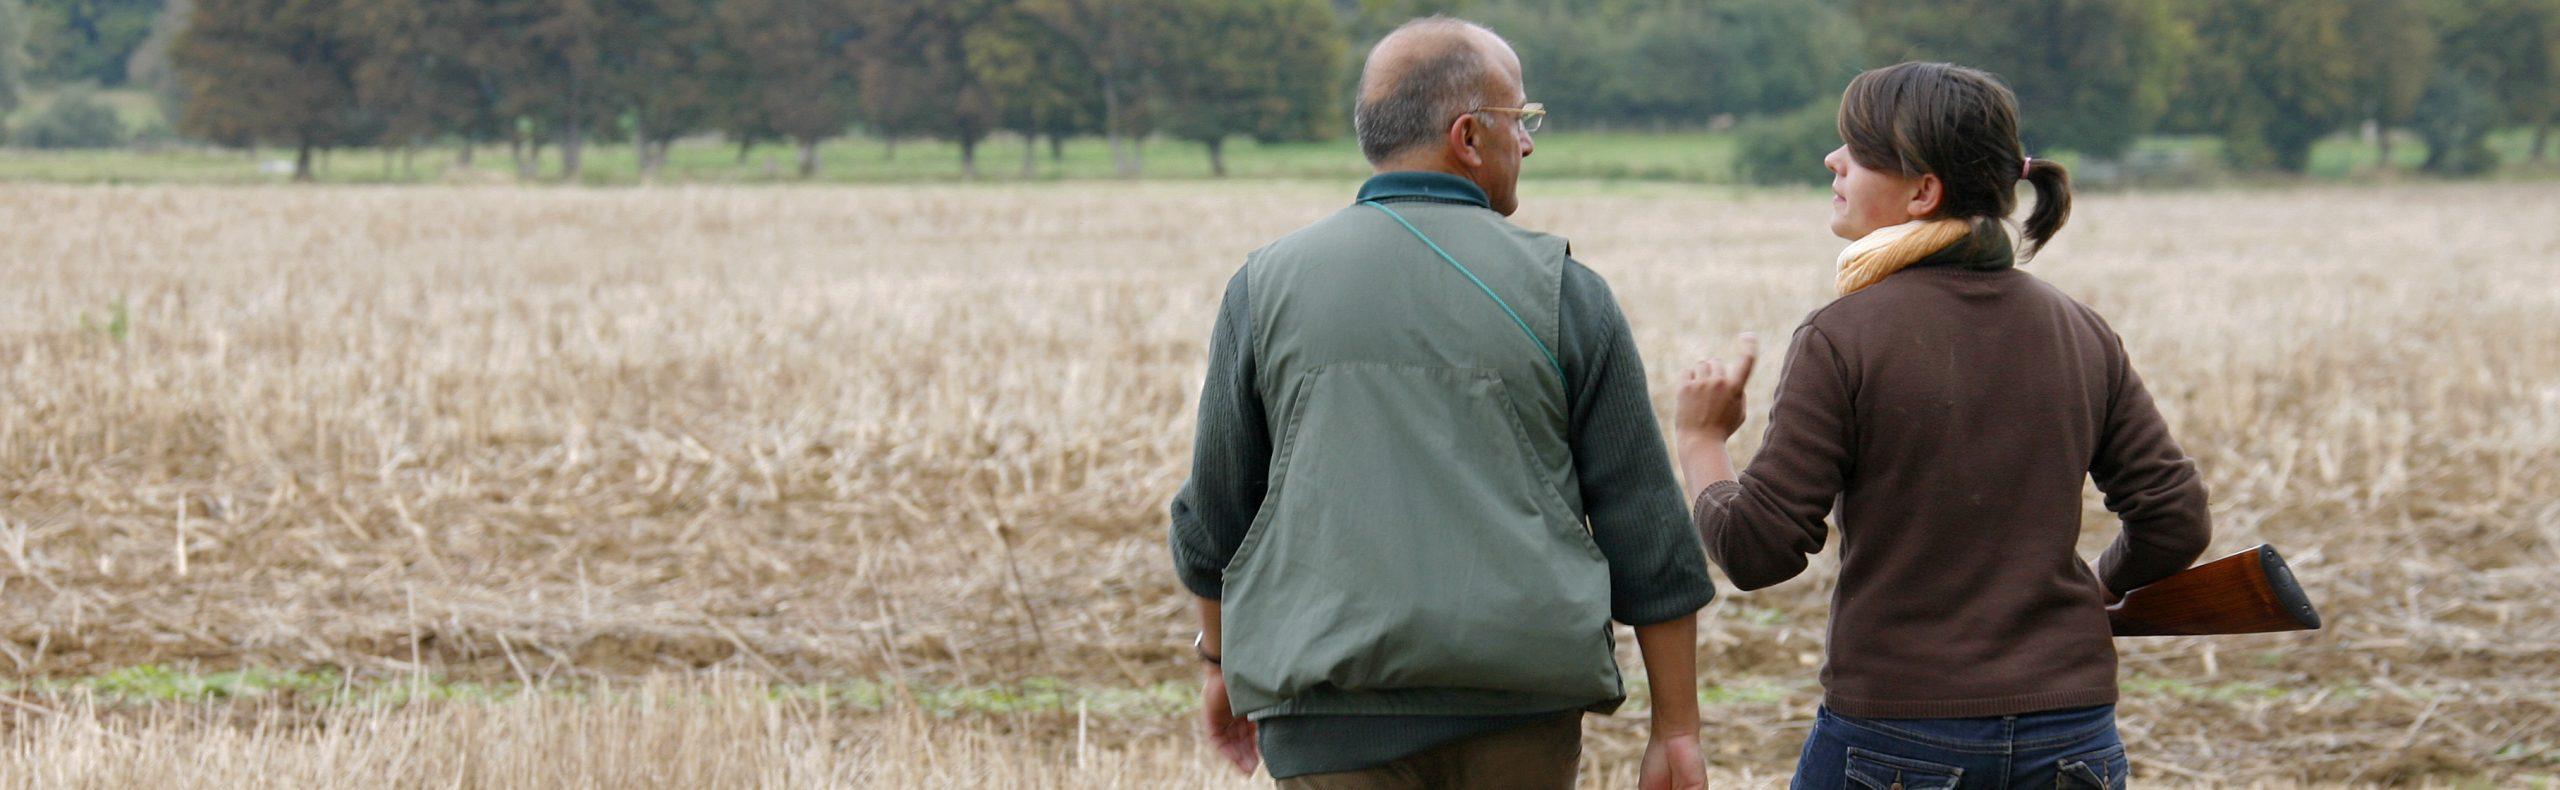 chasse accompagnée avec un parrain